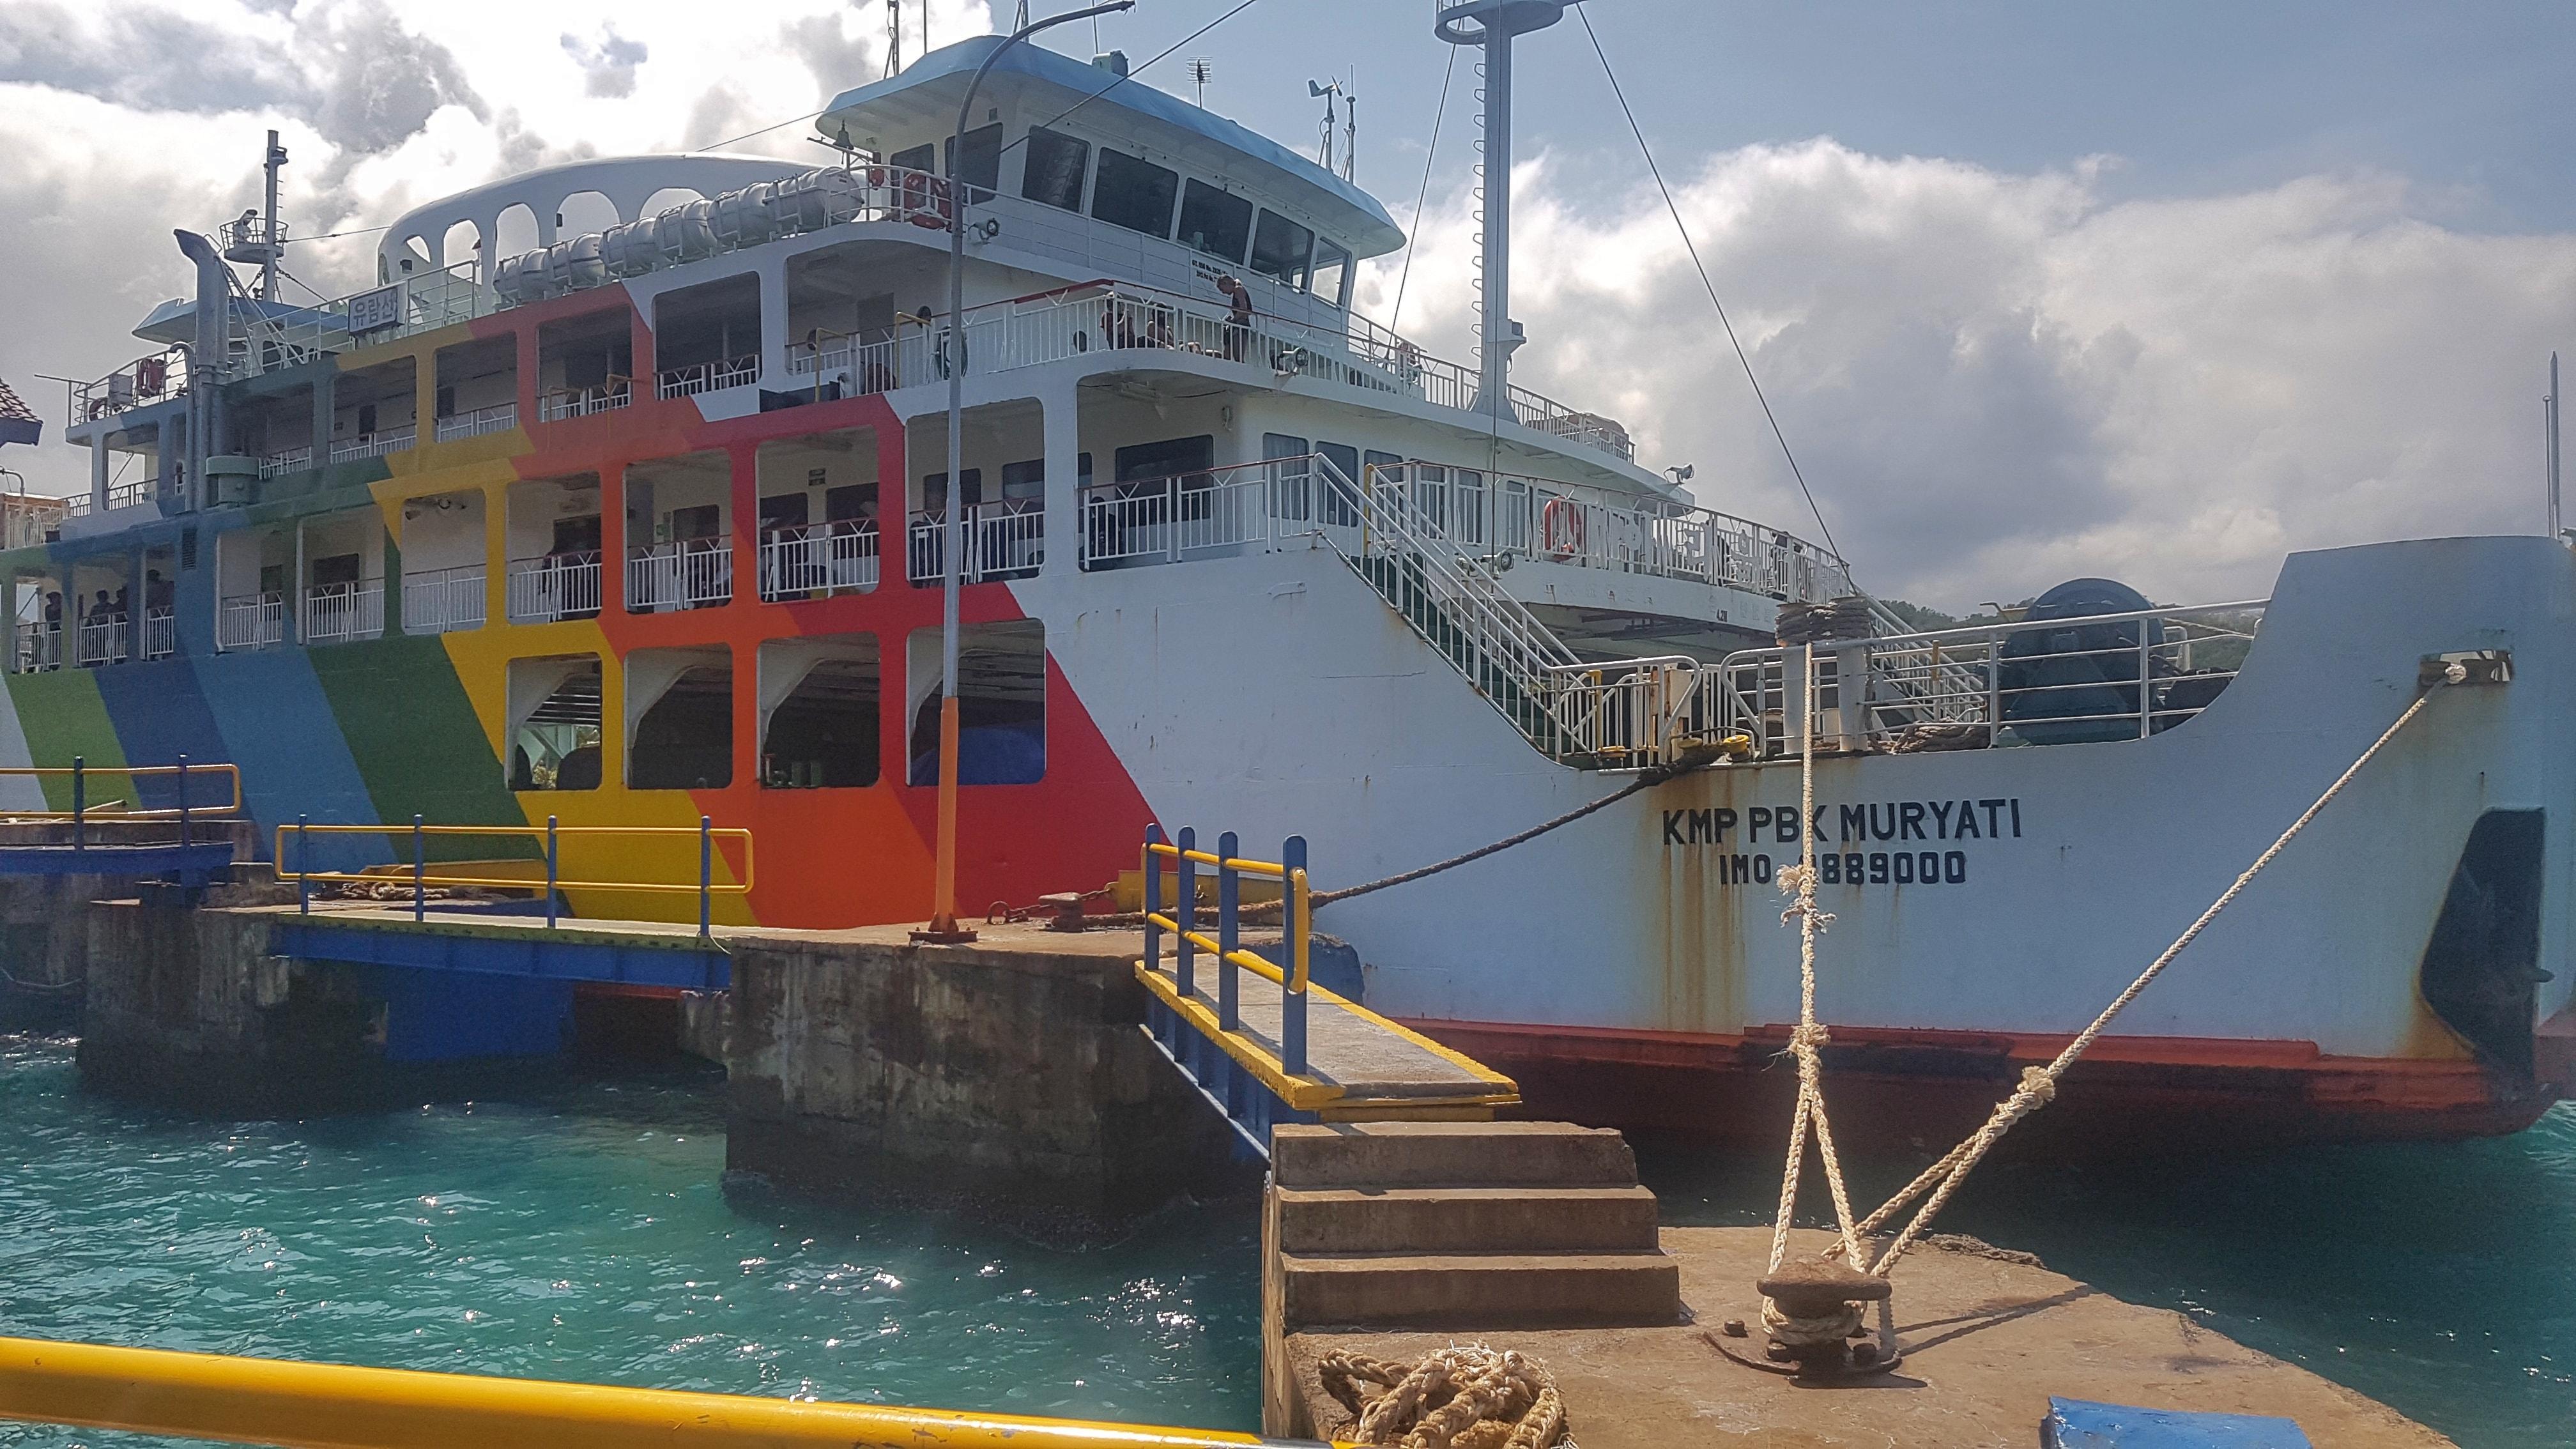 A viagem de Ferry: Bali – Lombok